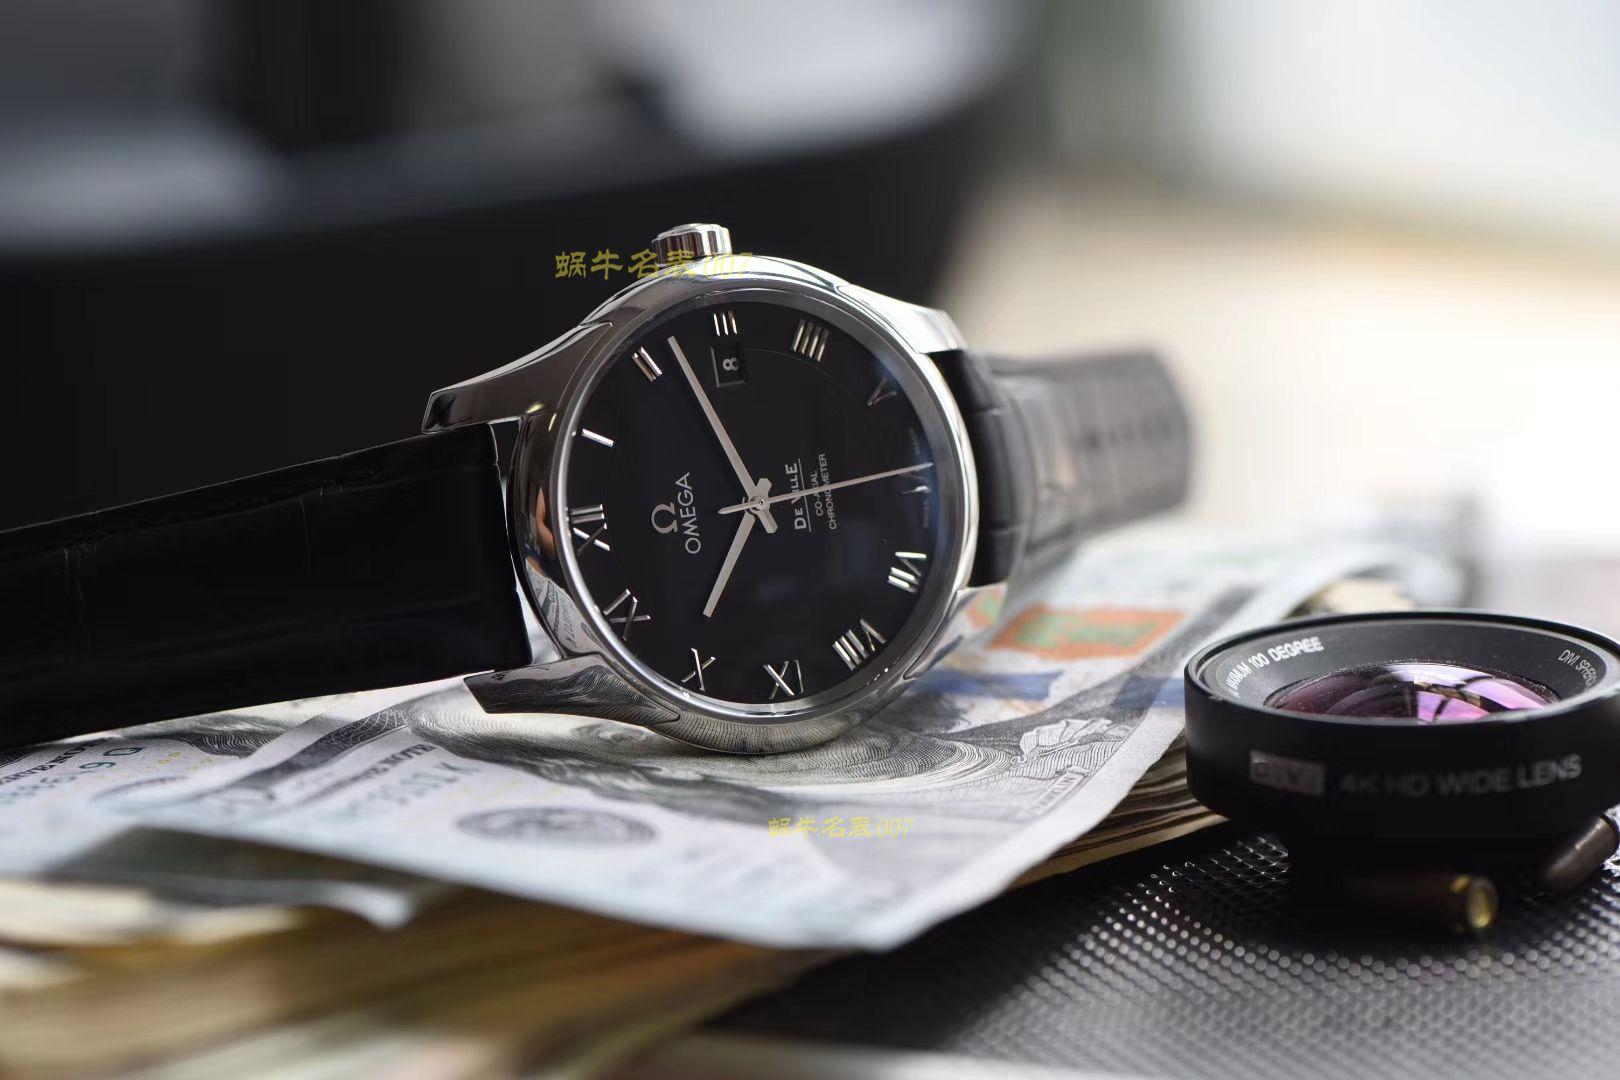 视频评测OMEGA欧米茄碟飞系列431.13.41.21.01.001腕表【VS一比一超A精仿手表】